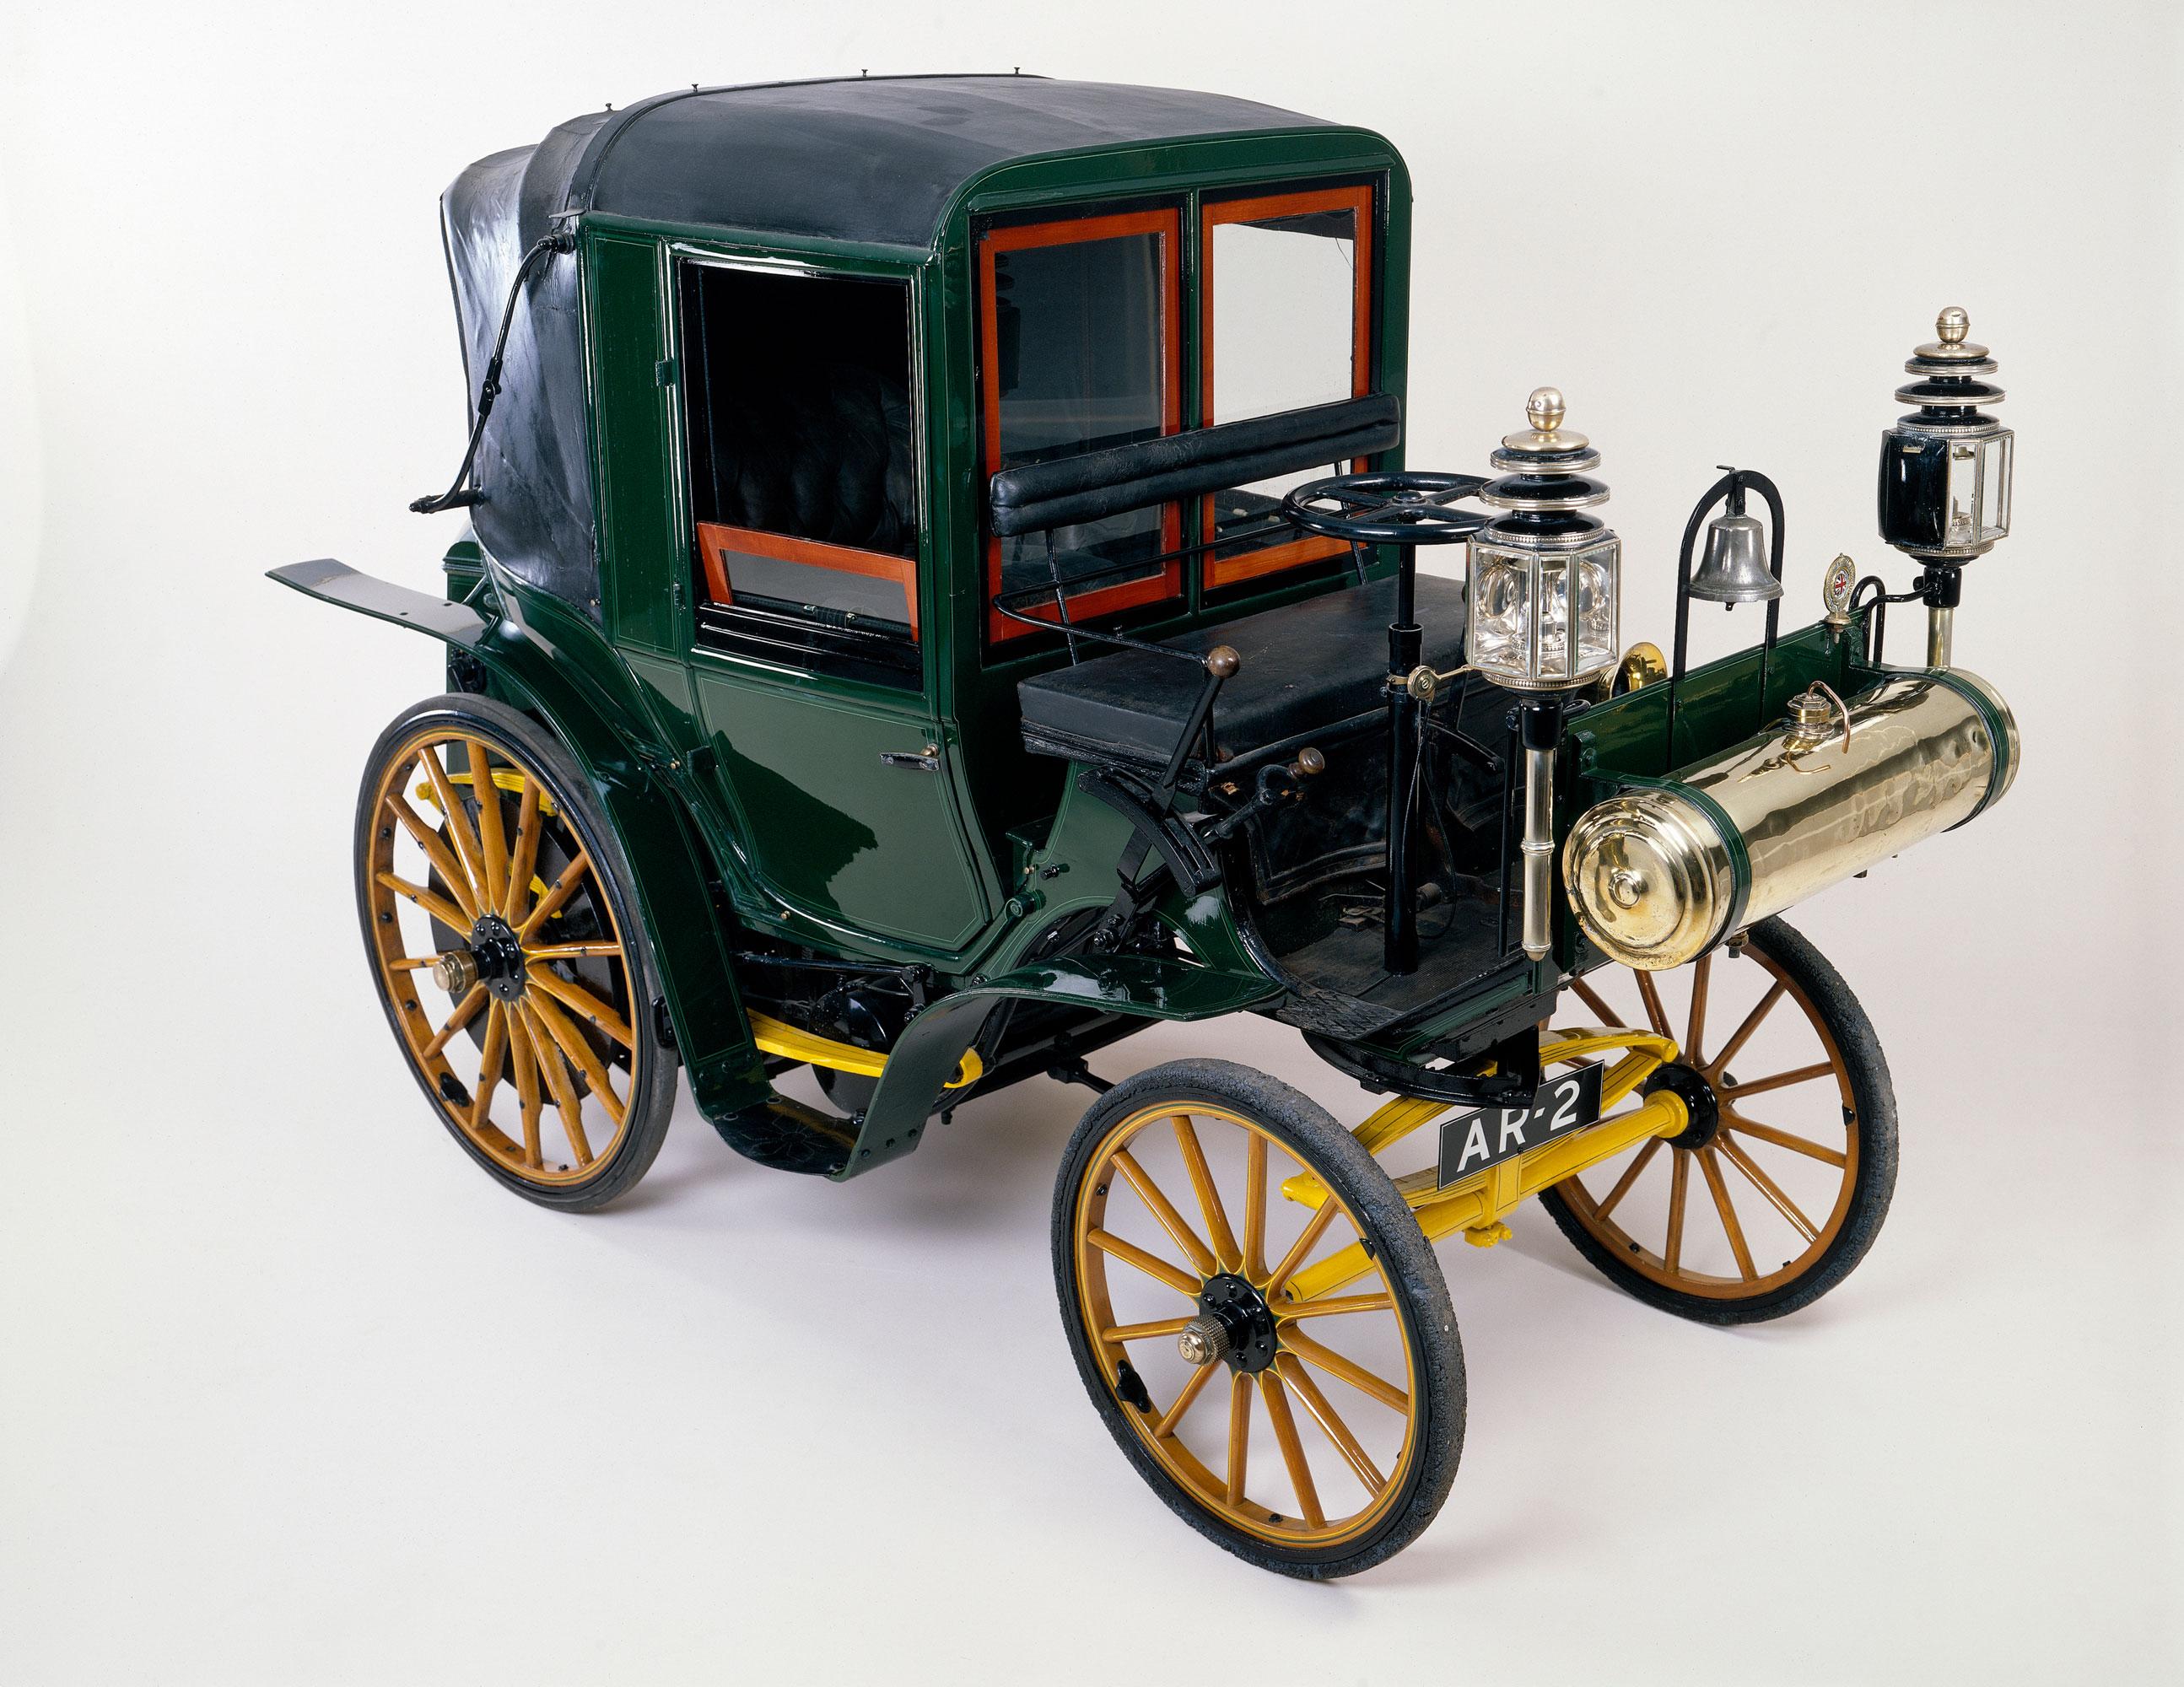 An 1898 Daimler Canstatt Horseless Carriage